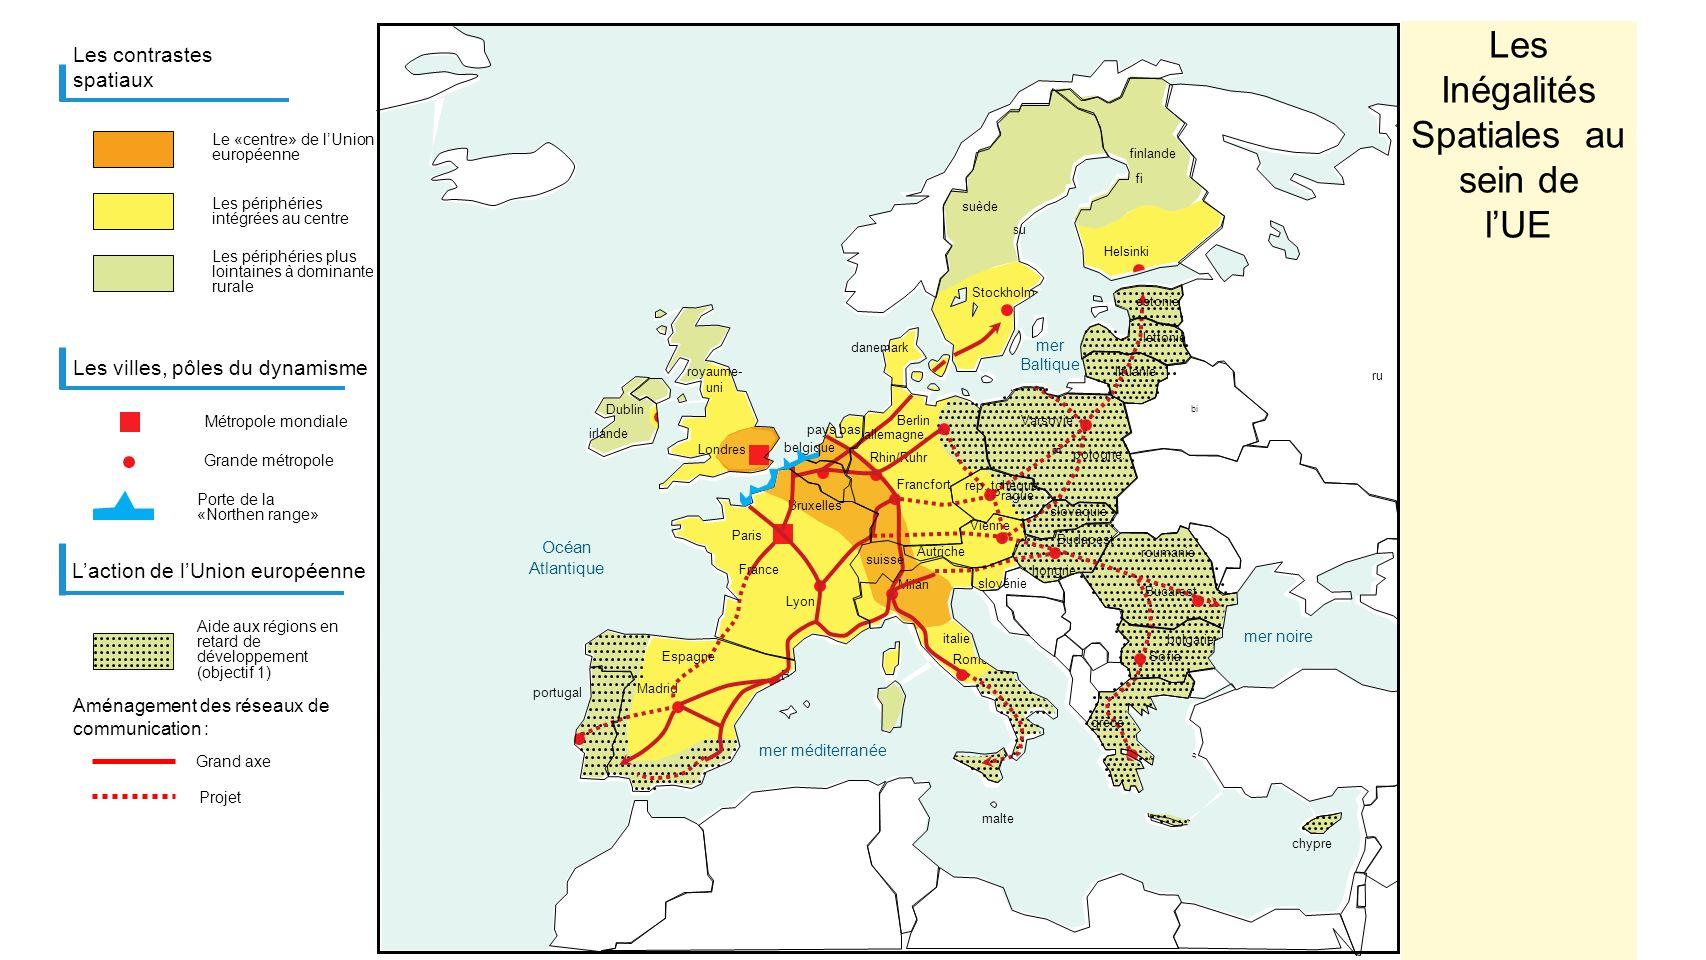 Trafic conteneurs (en millions de conteneurs) trafic>2 millions Seine Oise Meuse Rhin Wezer Escault Elbe France Belgique Lux.